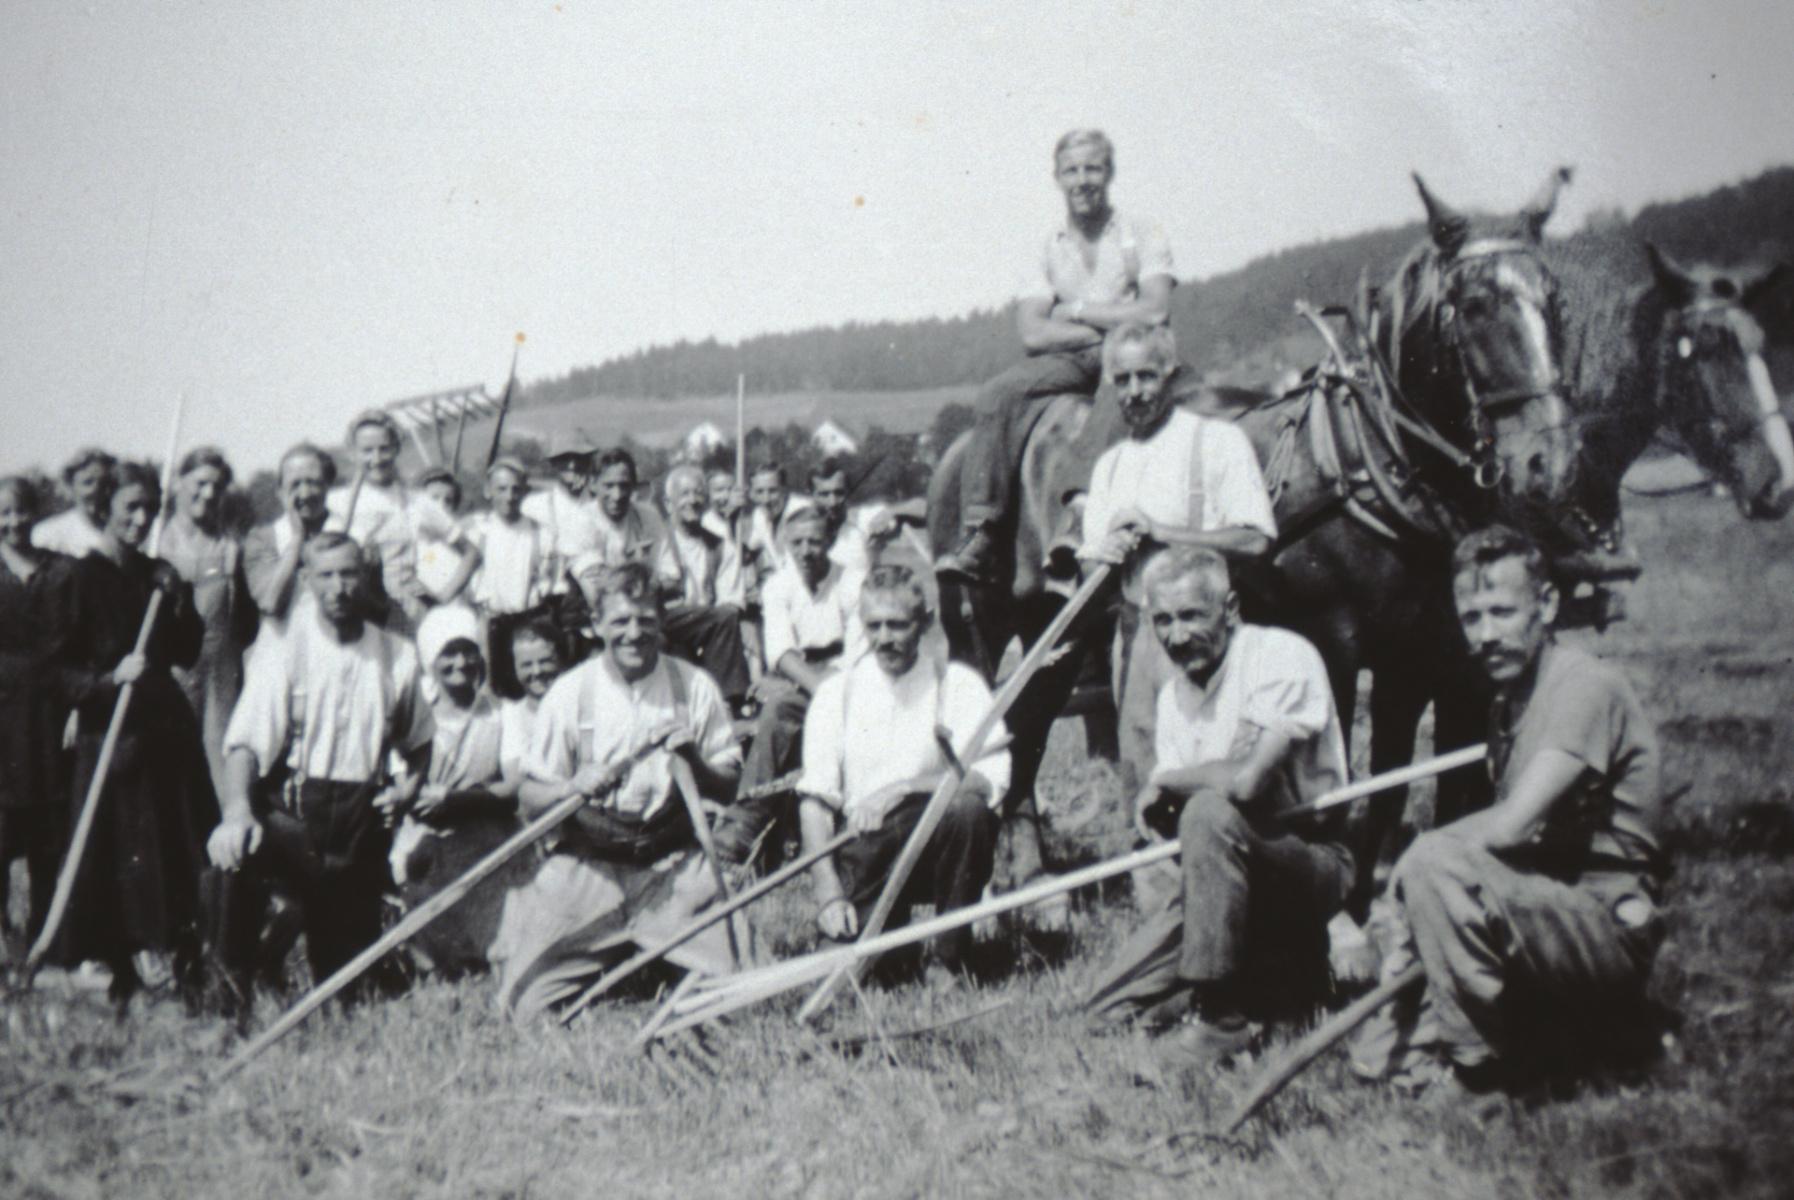 Bettswil. Hafer-Ernte. Auf dem Pferd: Walter Amacher; davor stehend Ernst Fenner. Vorne Mitte mit Sense Ernst Burri, rechts von ihm Paul Walder (alle Bettswil).